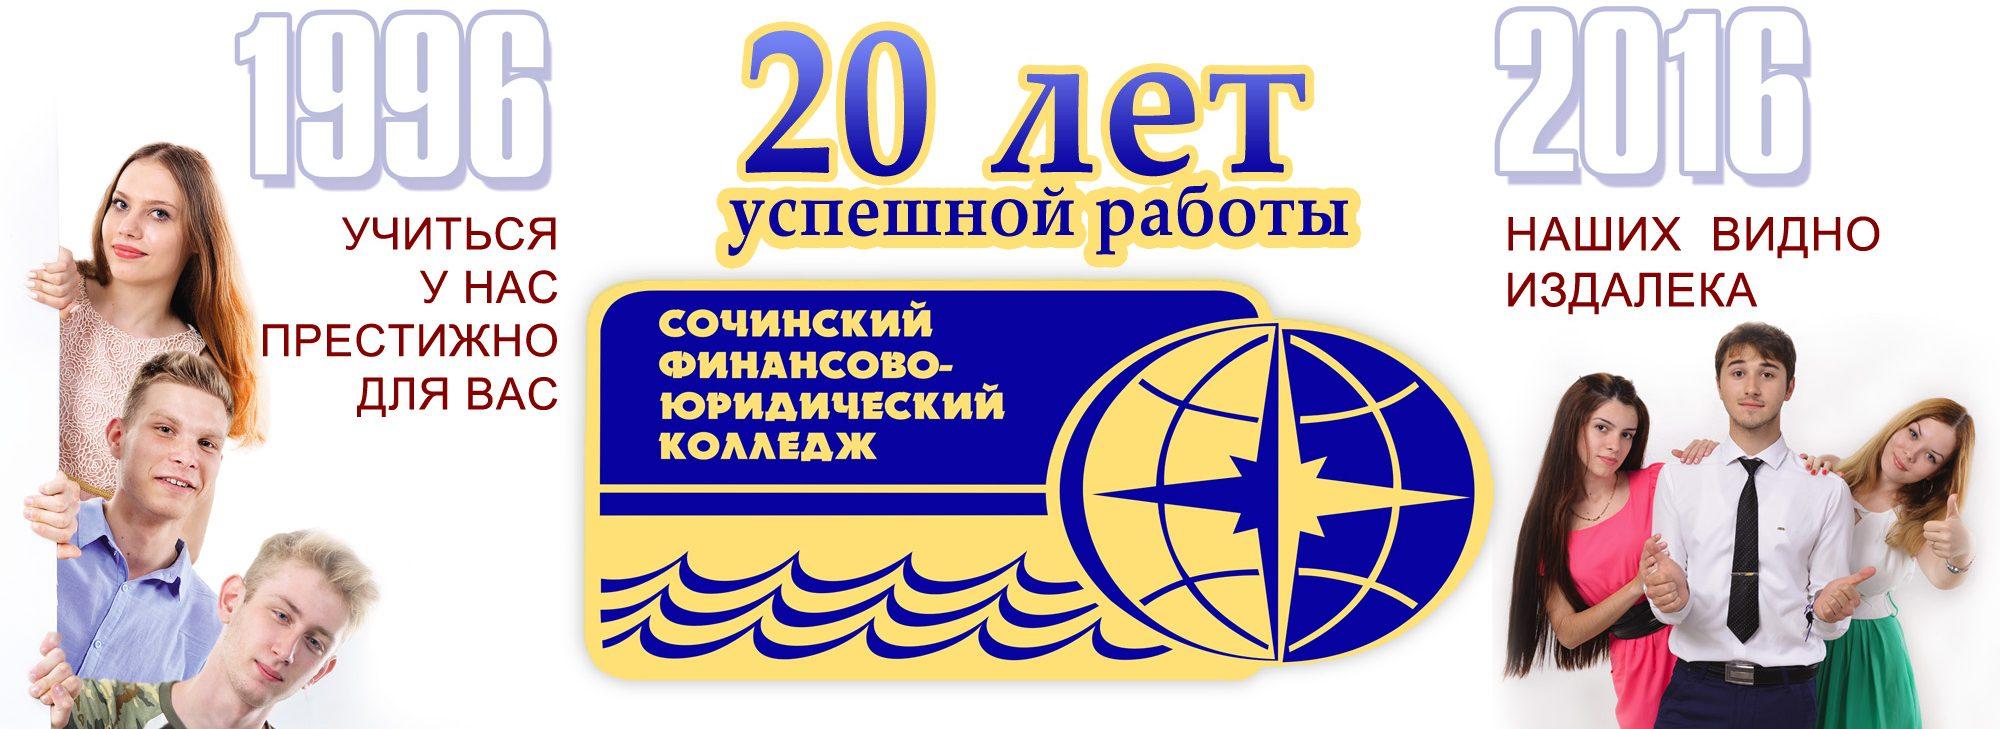 Сочинский финансово-юридический колледж